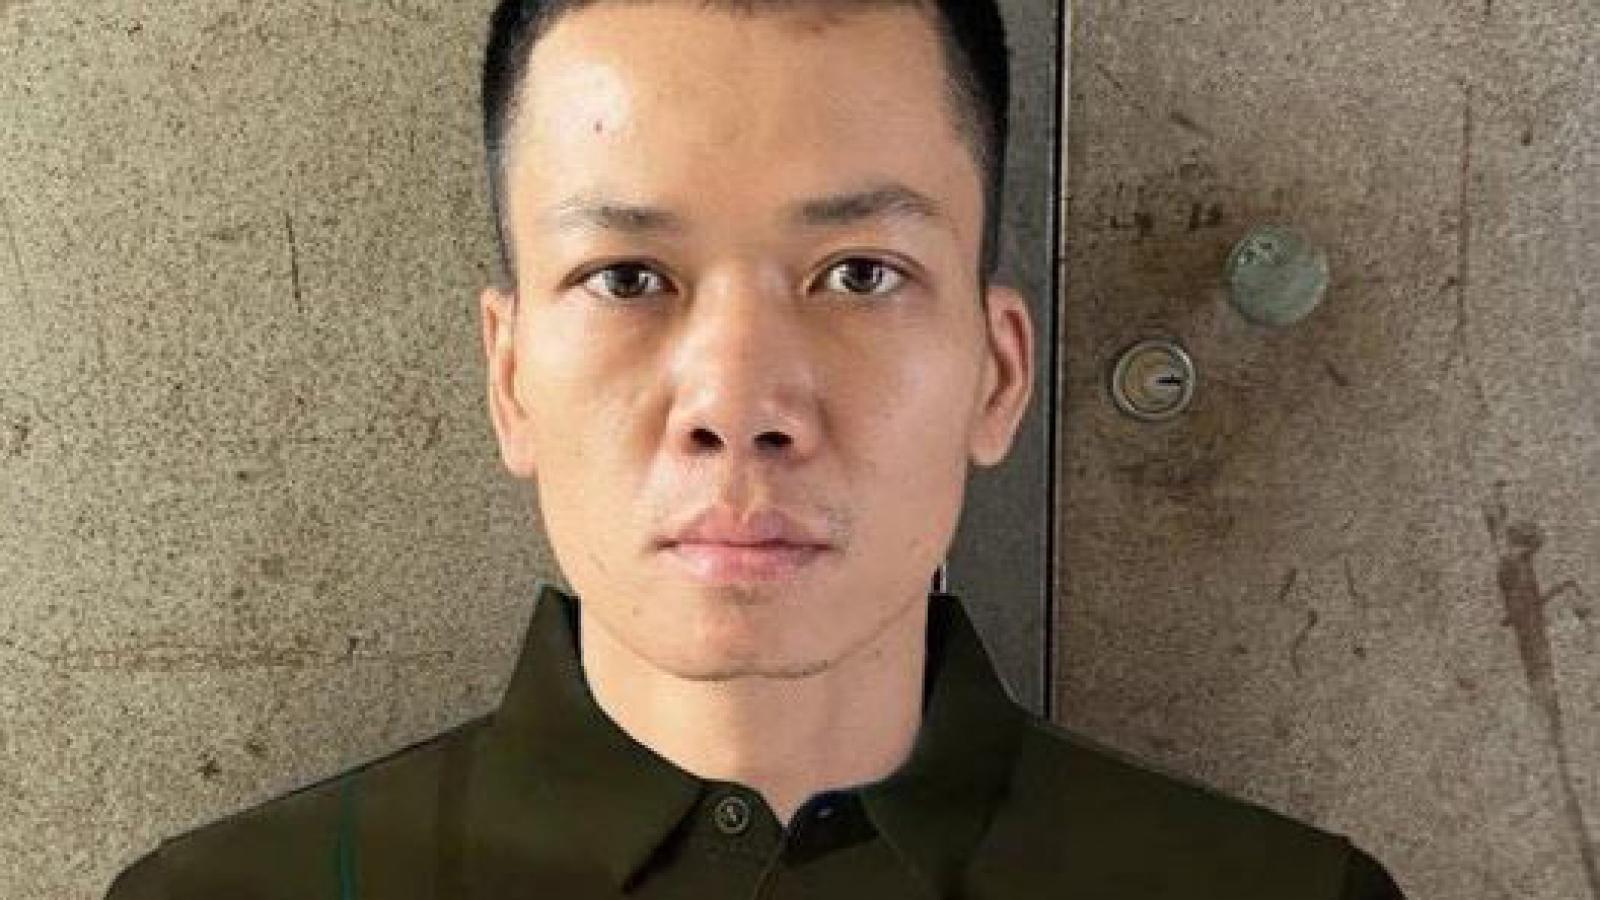 Bắt giữ đối tượng gây một loạt vụ cướp giật điện thoại tại Hà Nội